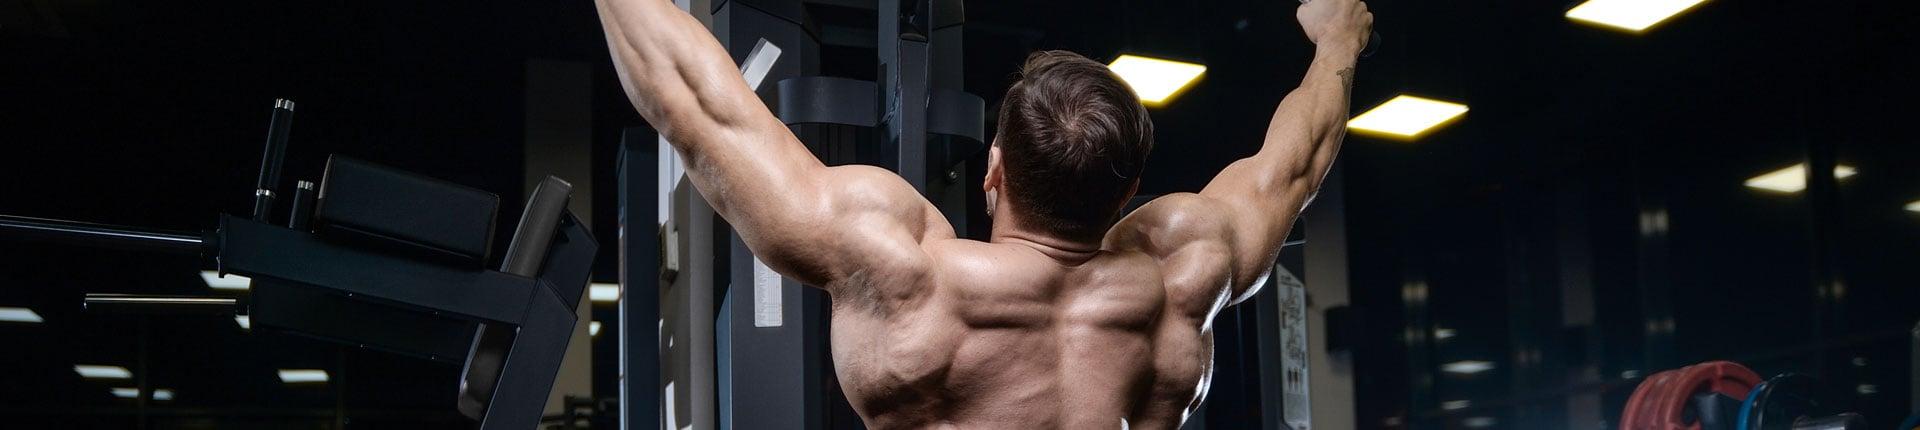 9 najlepszych ćwiczeń na plecy